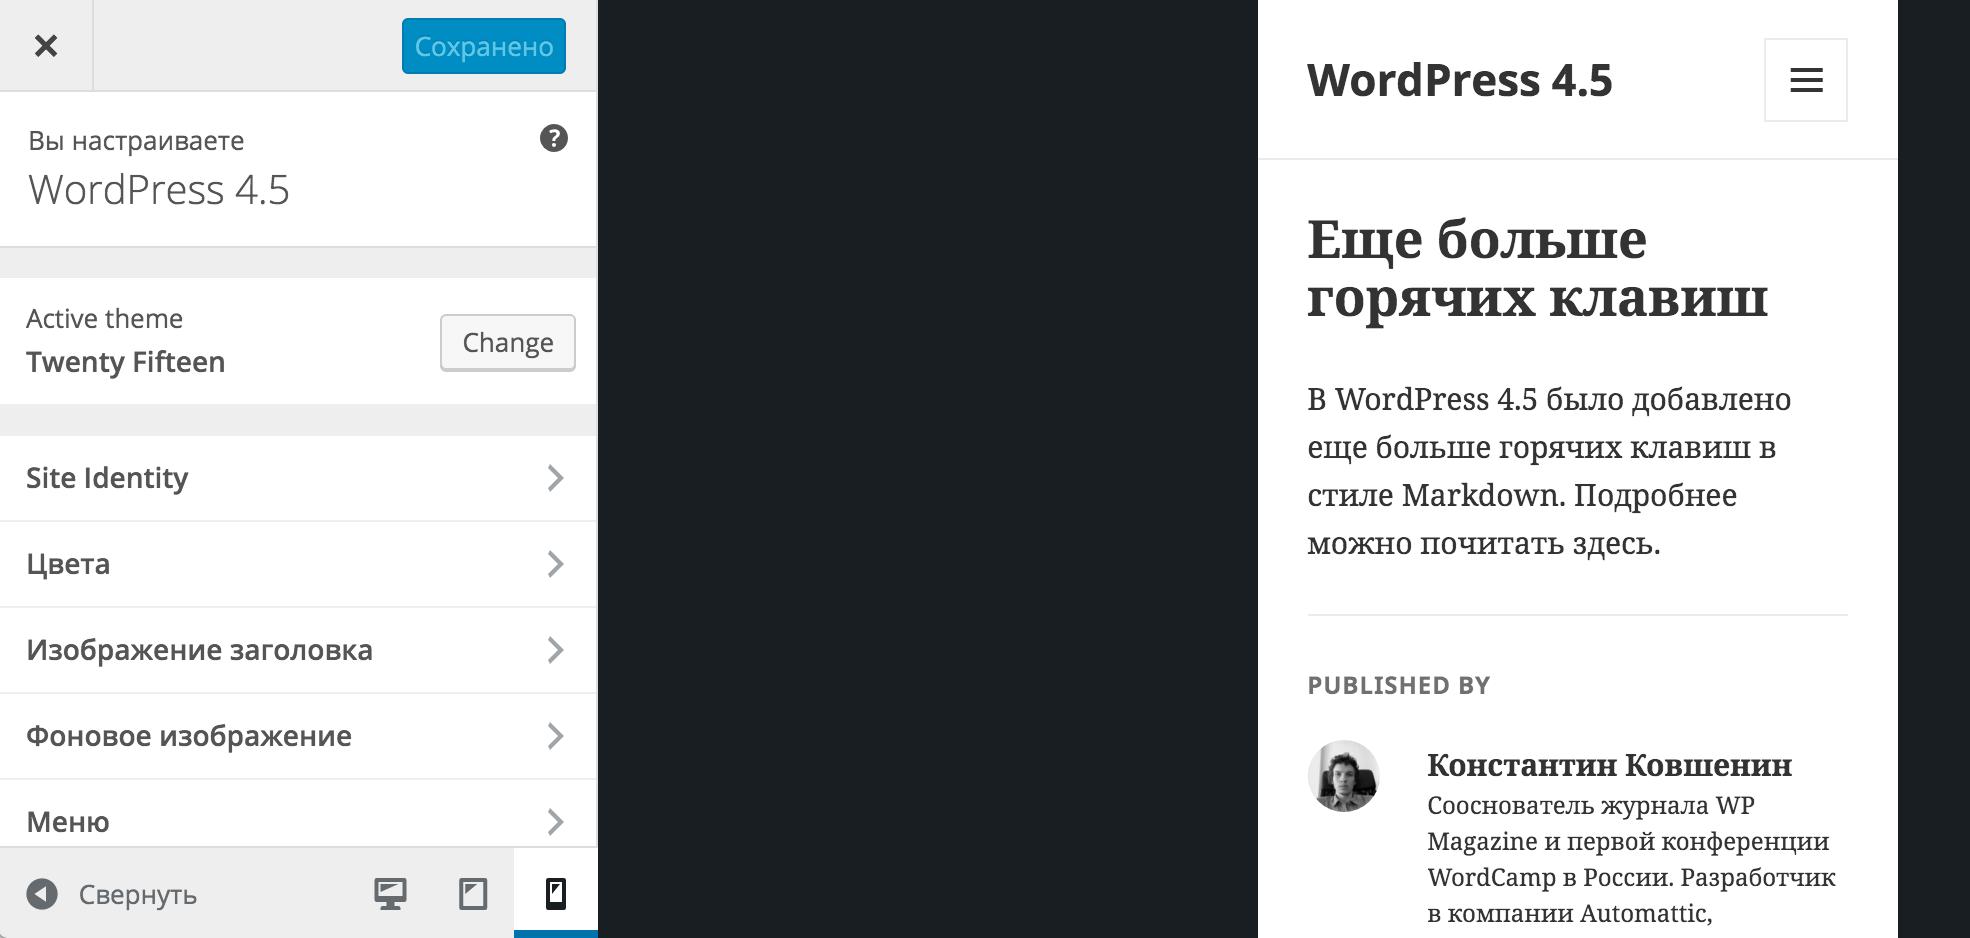 Просмотр мобильной версии в WordPress 4.5